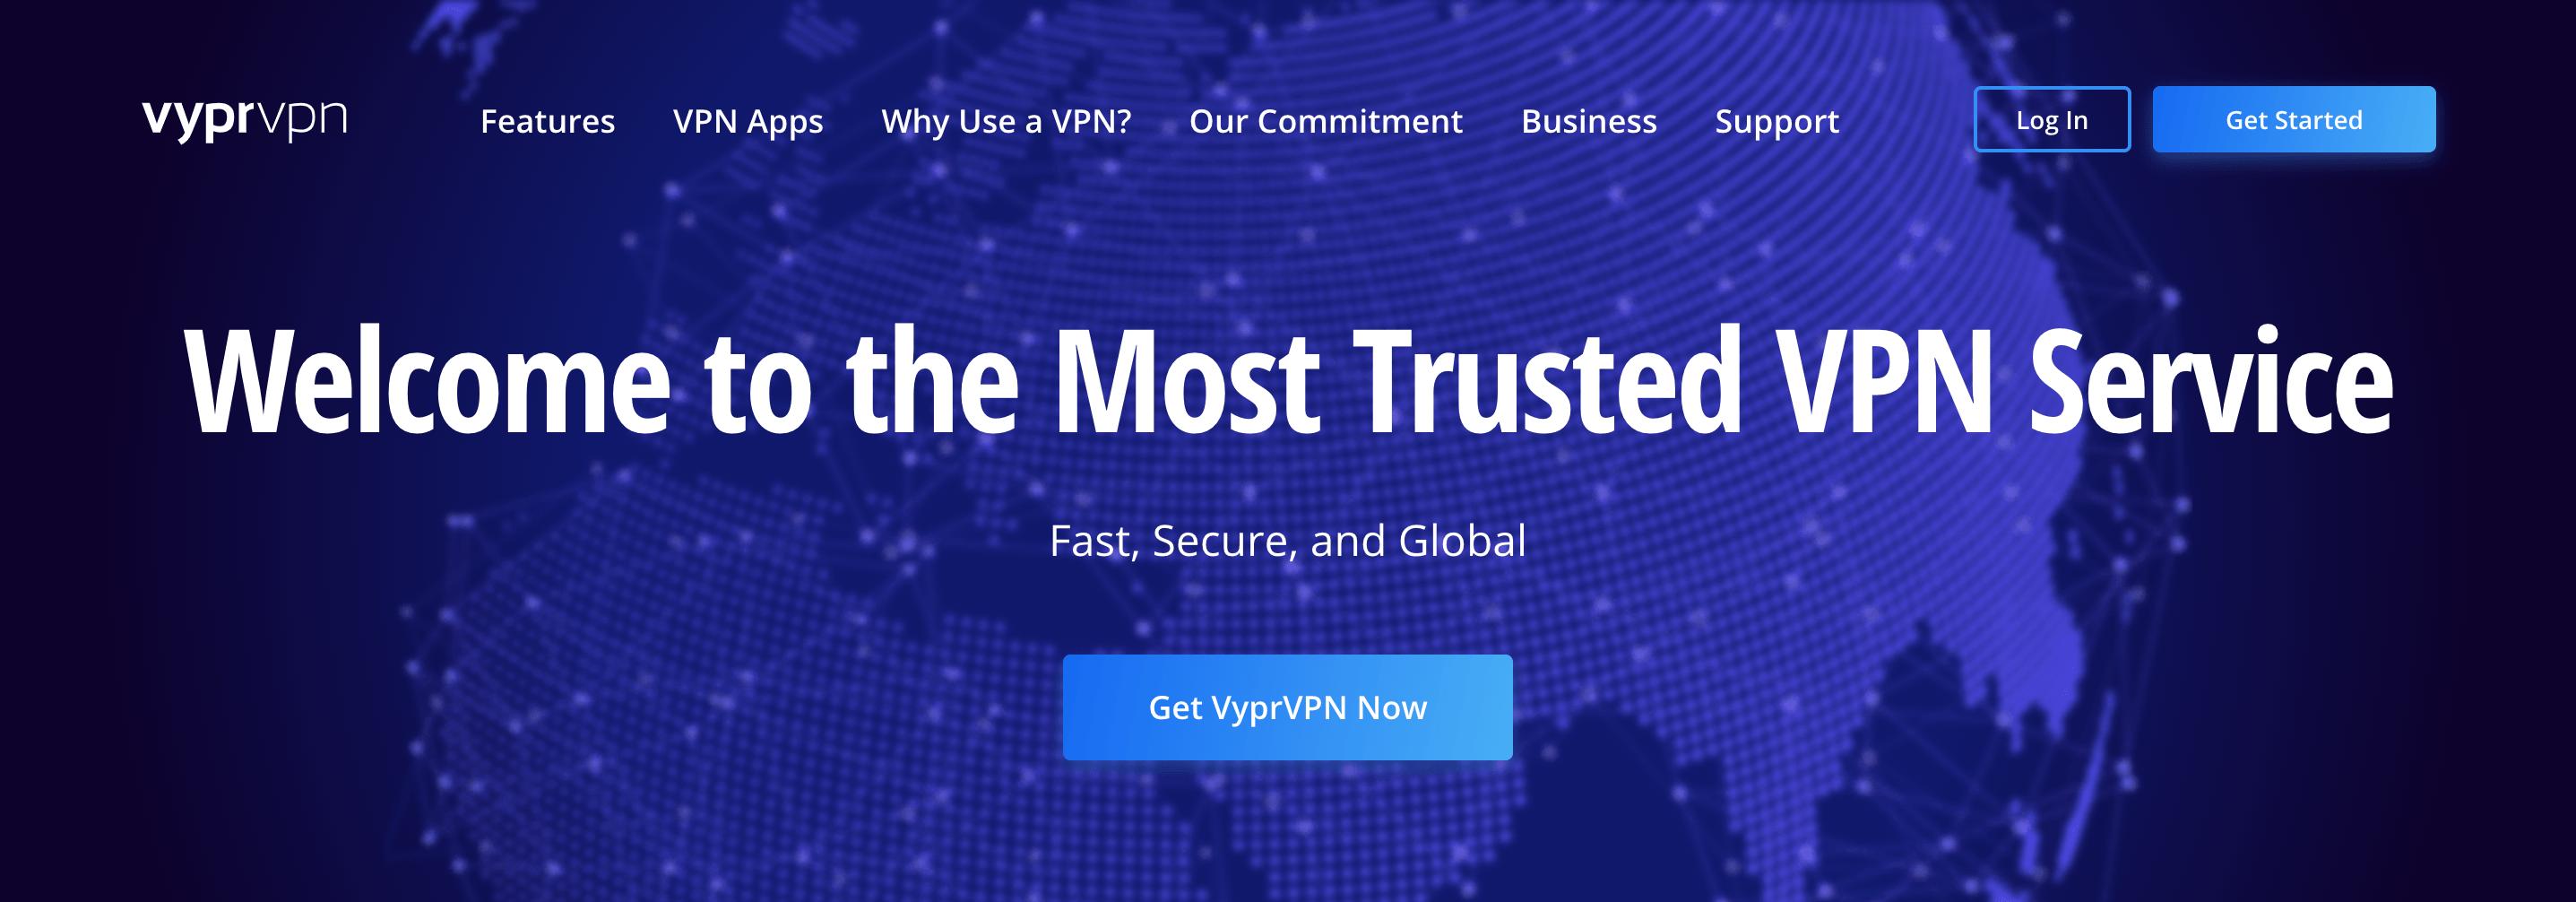 VyprVPN website homepage